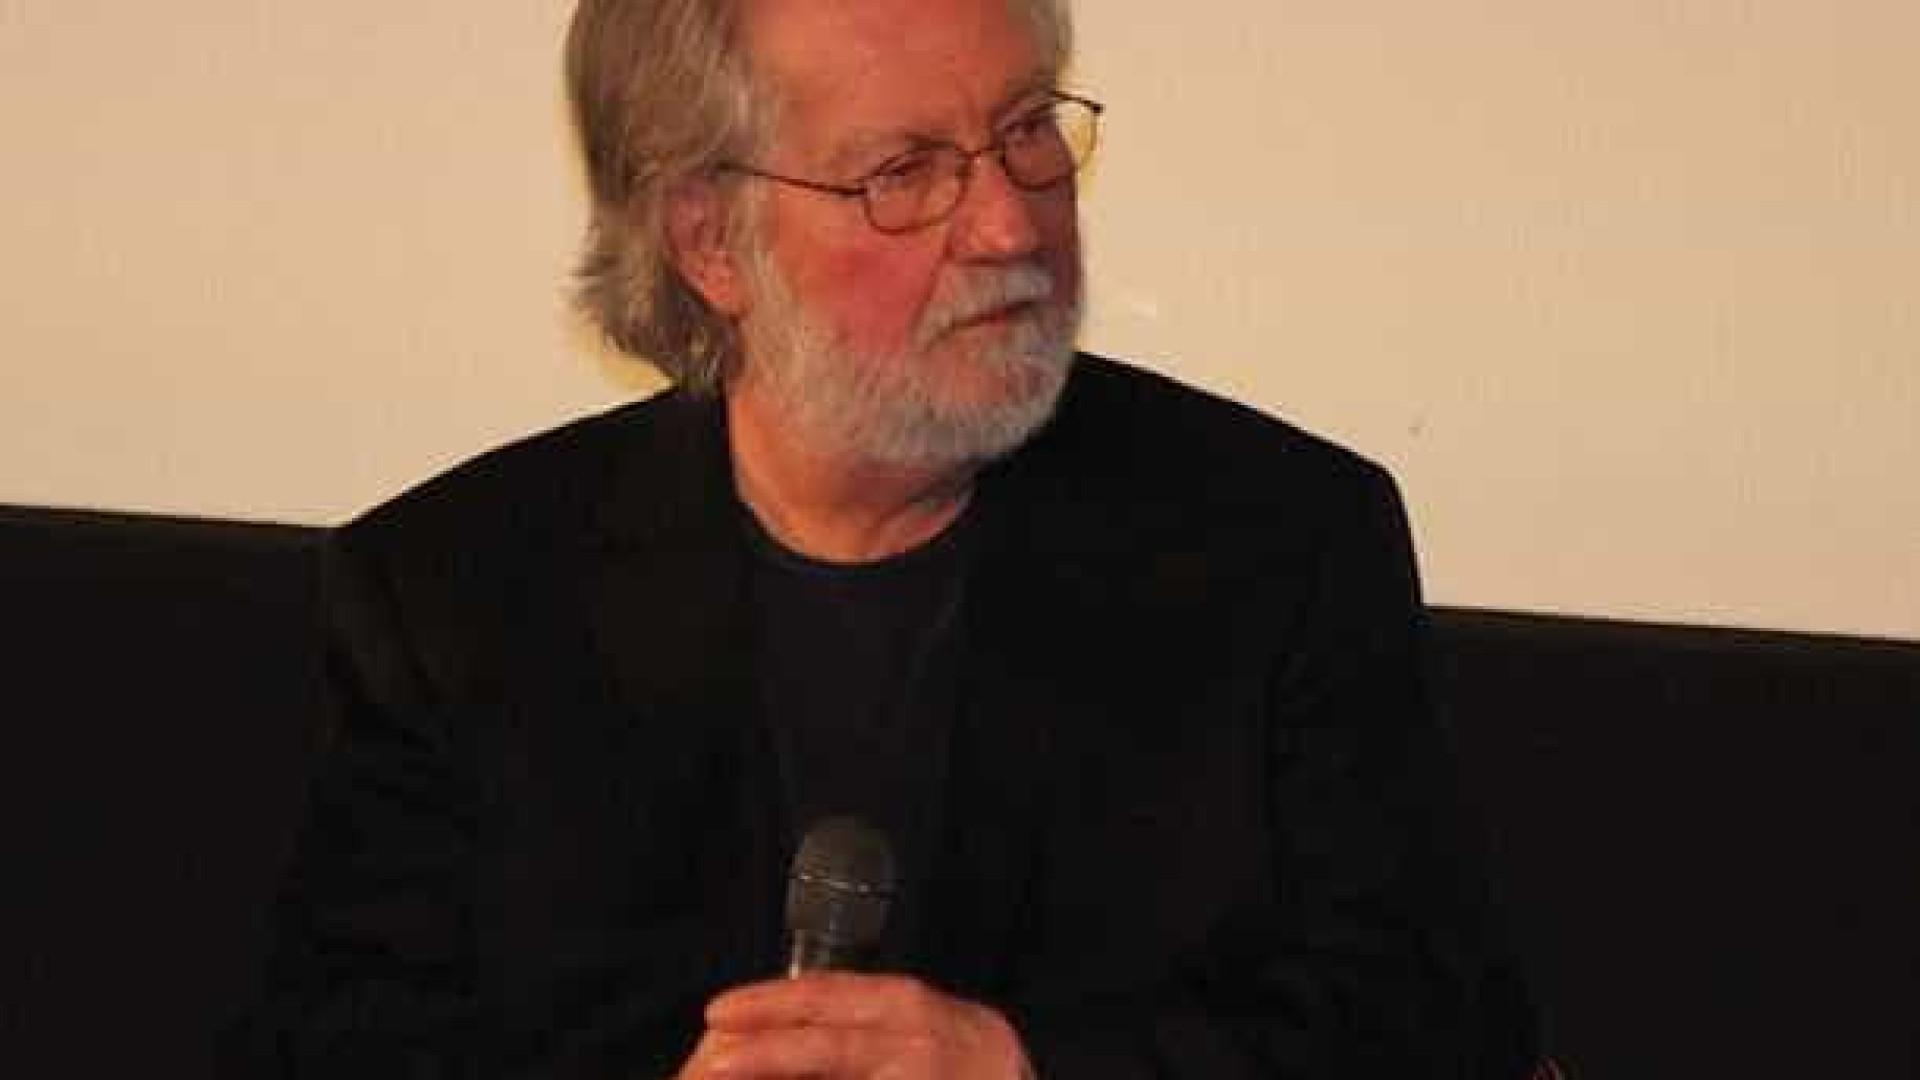 Morre Tobe Hooper, diretor de Poltergeist e O Massacre da Serra Elétrica